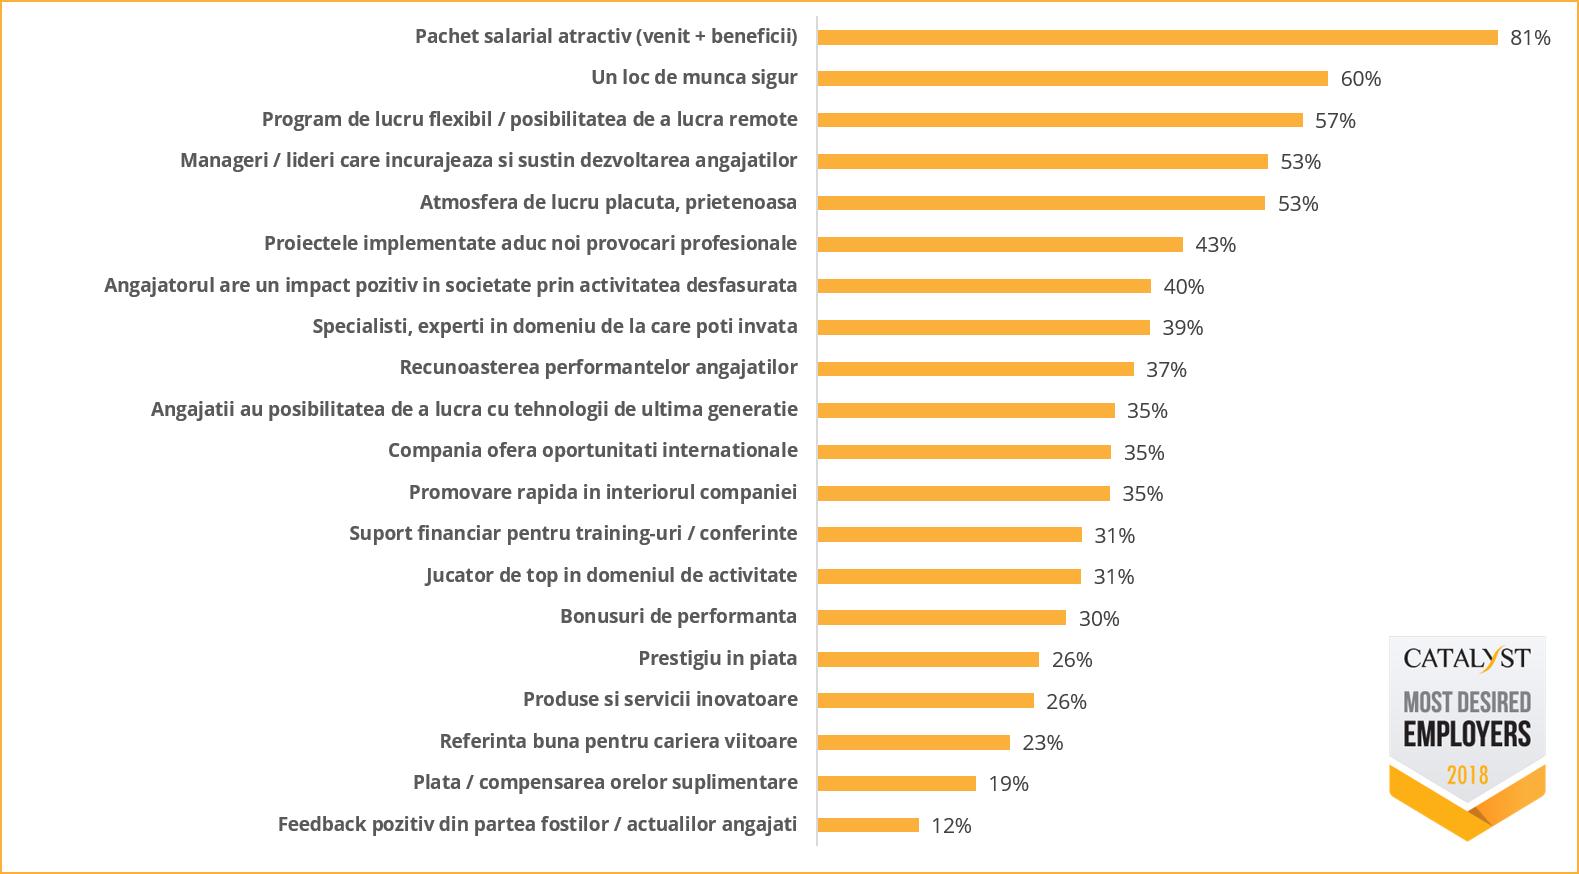 Criterii in alegerea angajatorului